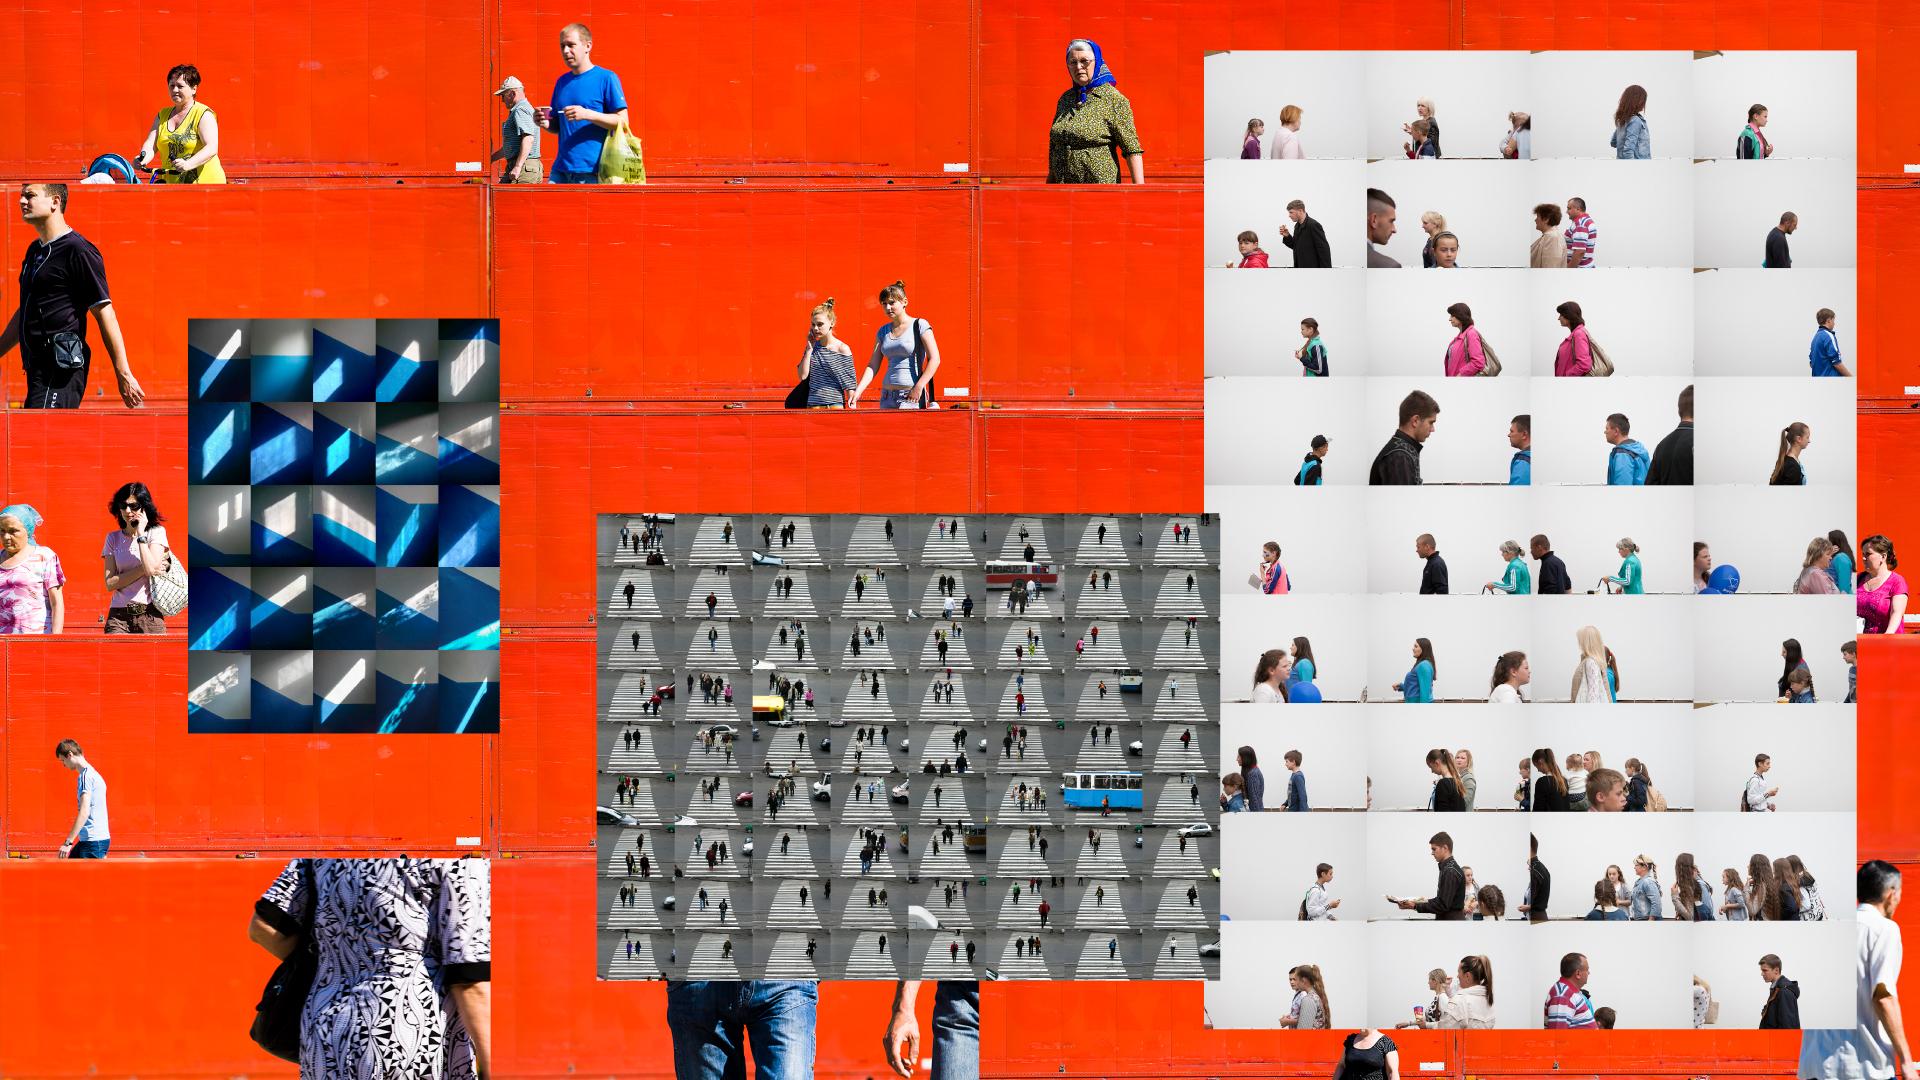 Множинність образу в серії робіт Вадима Козловського